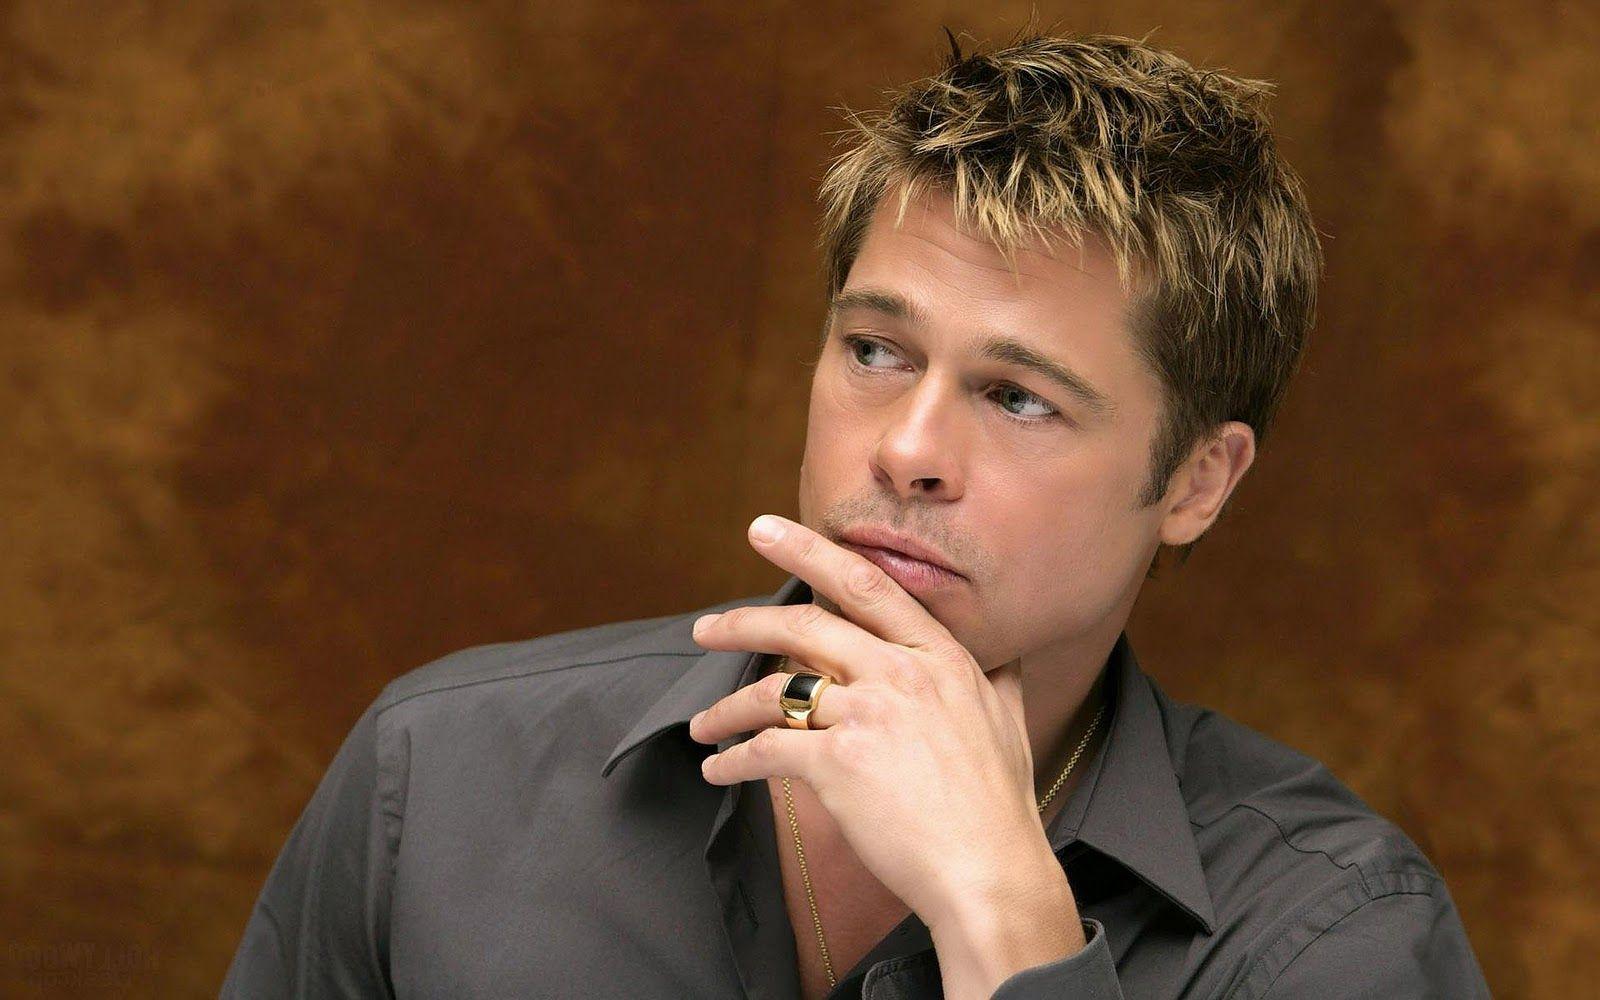 Brad Pitt Wallpapers Best Hd Desktop Wallpaper Brad Pitt Brad Pitt Haircut Handsome Celebrities